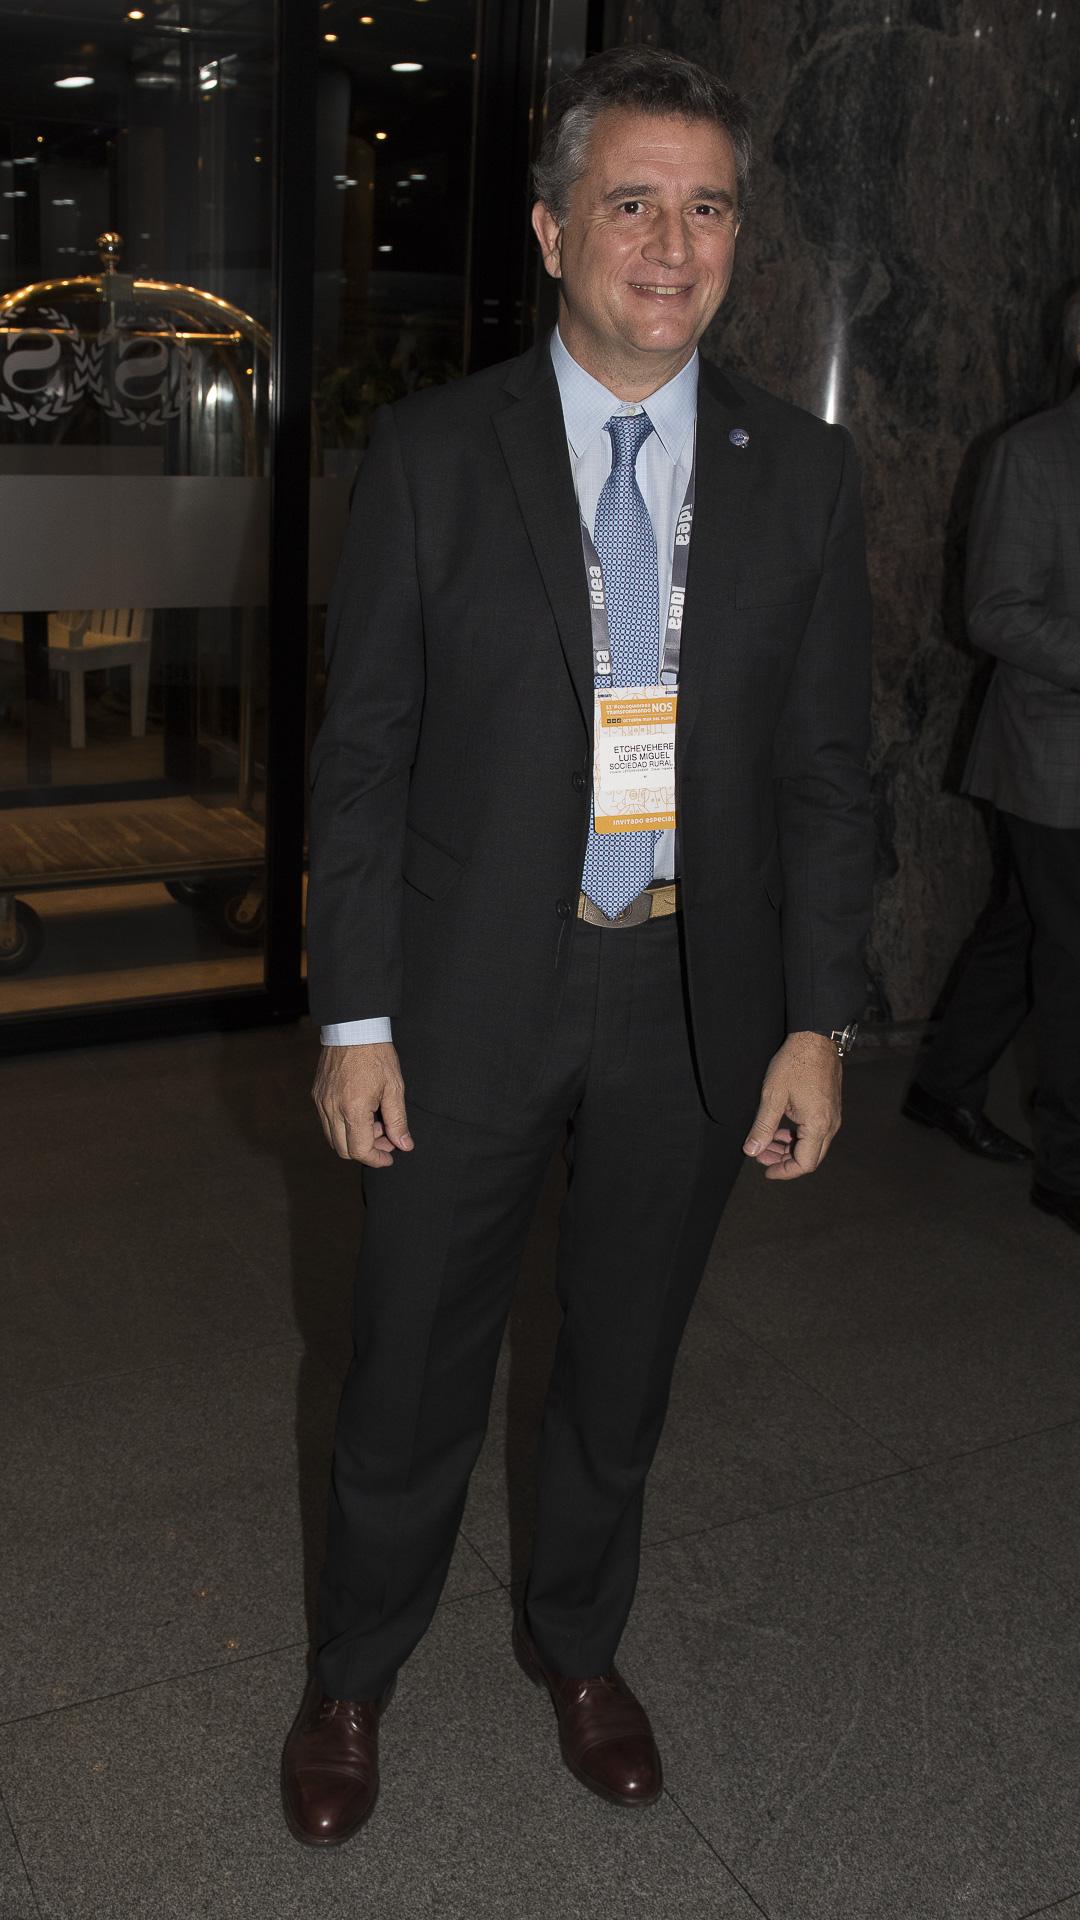 El presidente de la Sociedad Rural Argentina(SRA) Luis Miguel Etchevere,